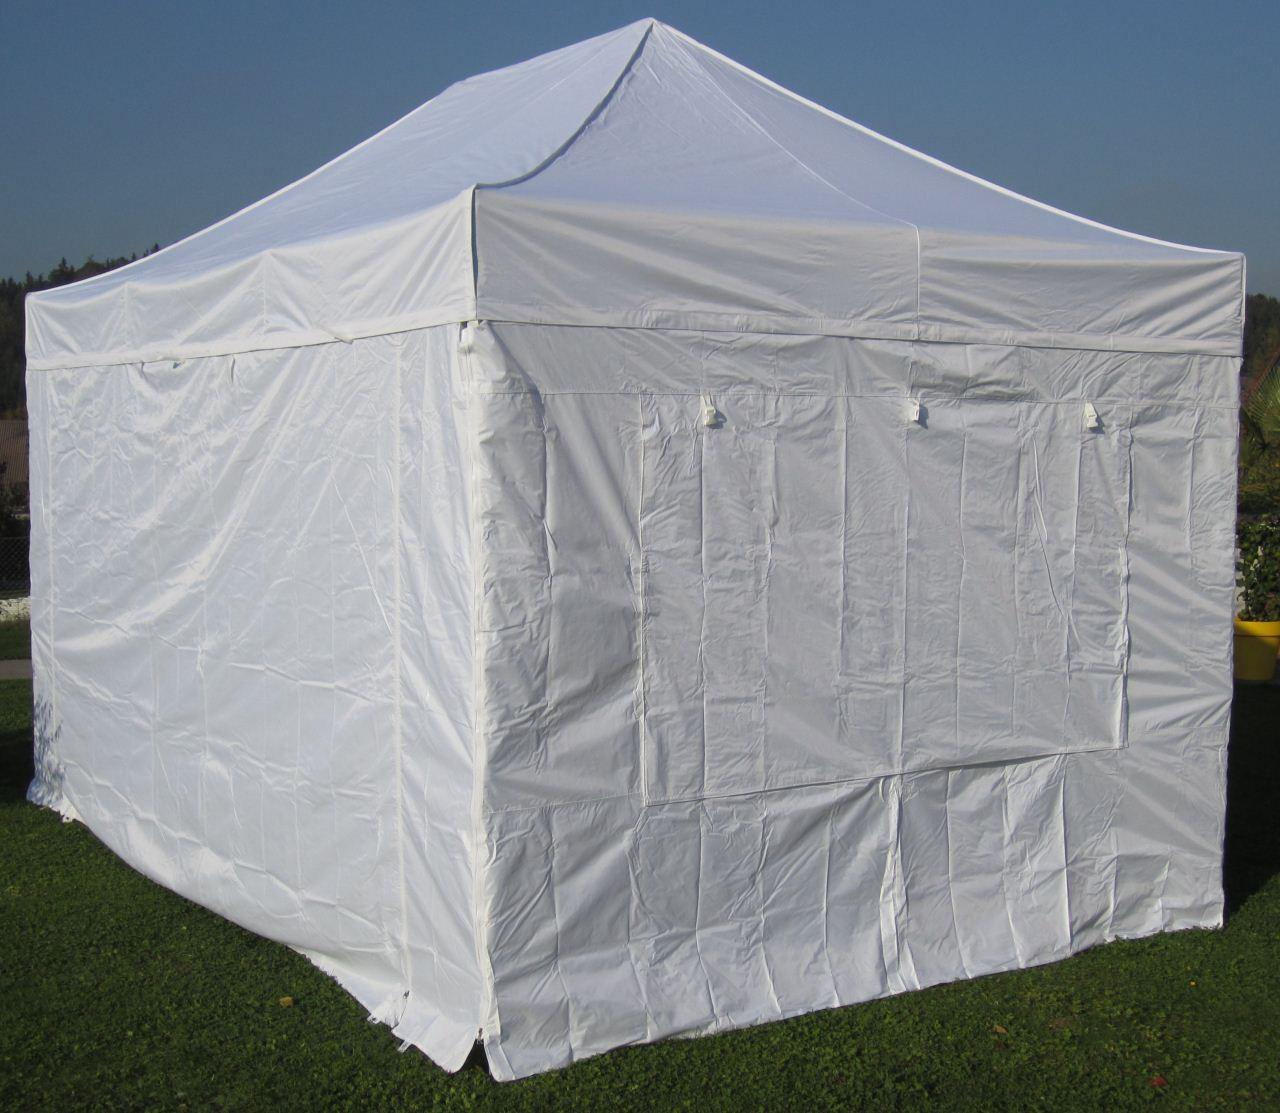 3x4 5m profi faltzelt marktzelt marktstand tent 50mm hex alu mit metallgelenken und. Black Bedroom Furniture Sets. Home Design Ideas